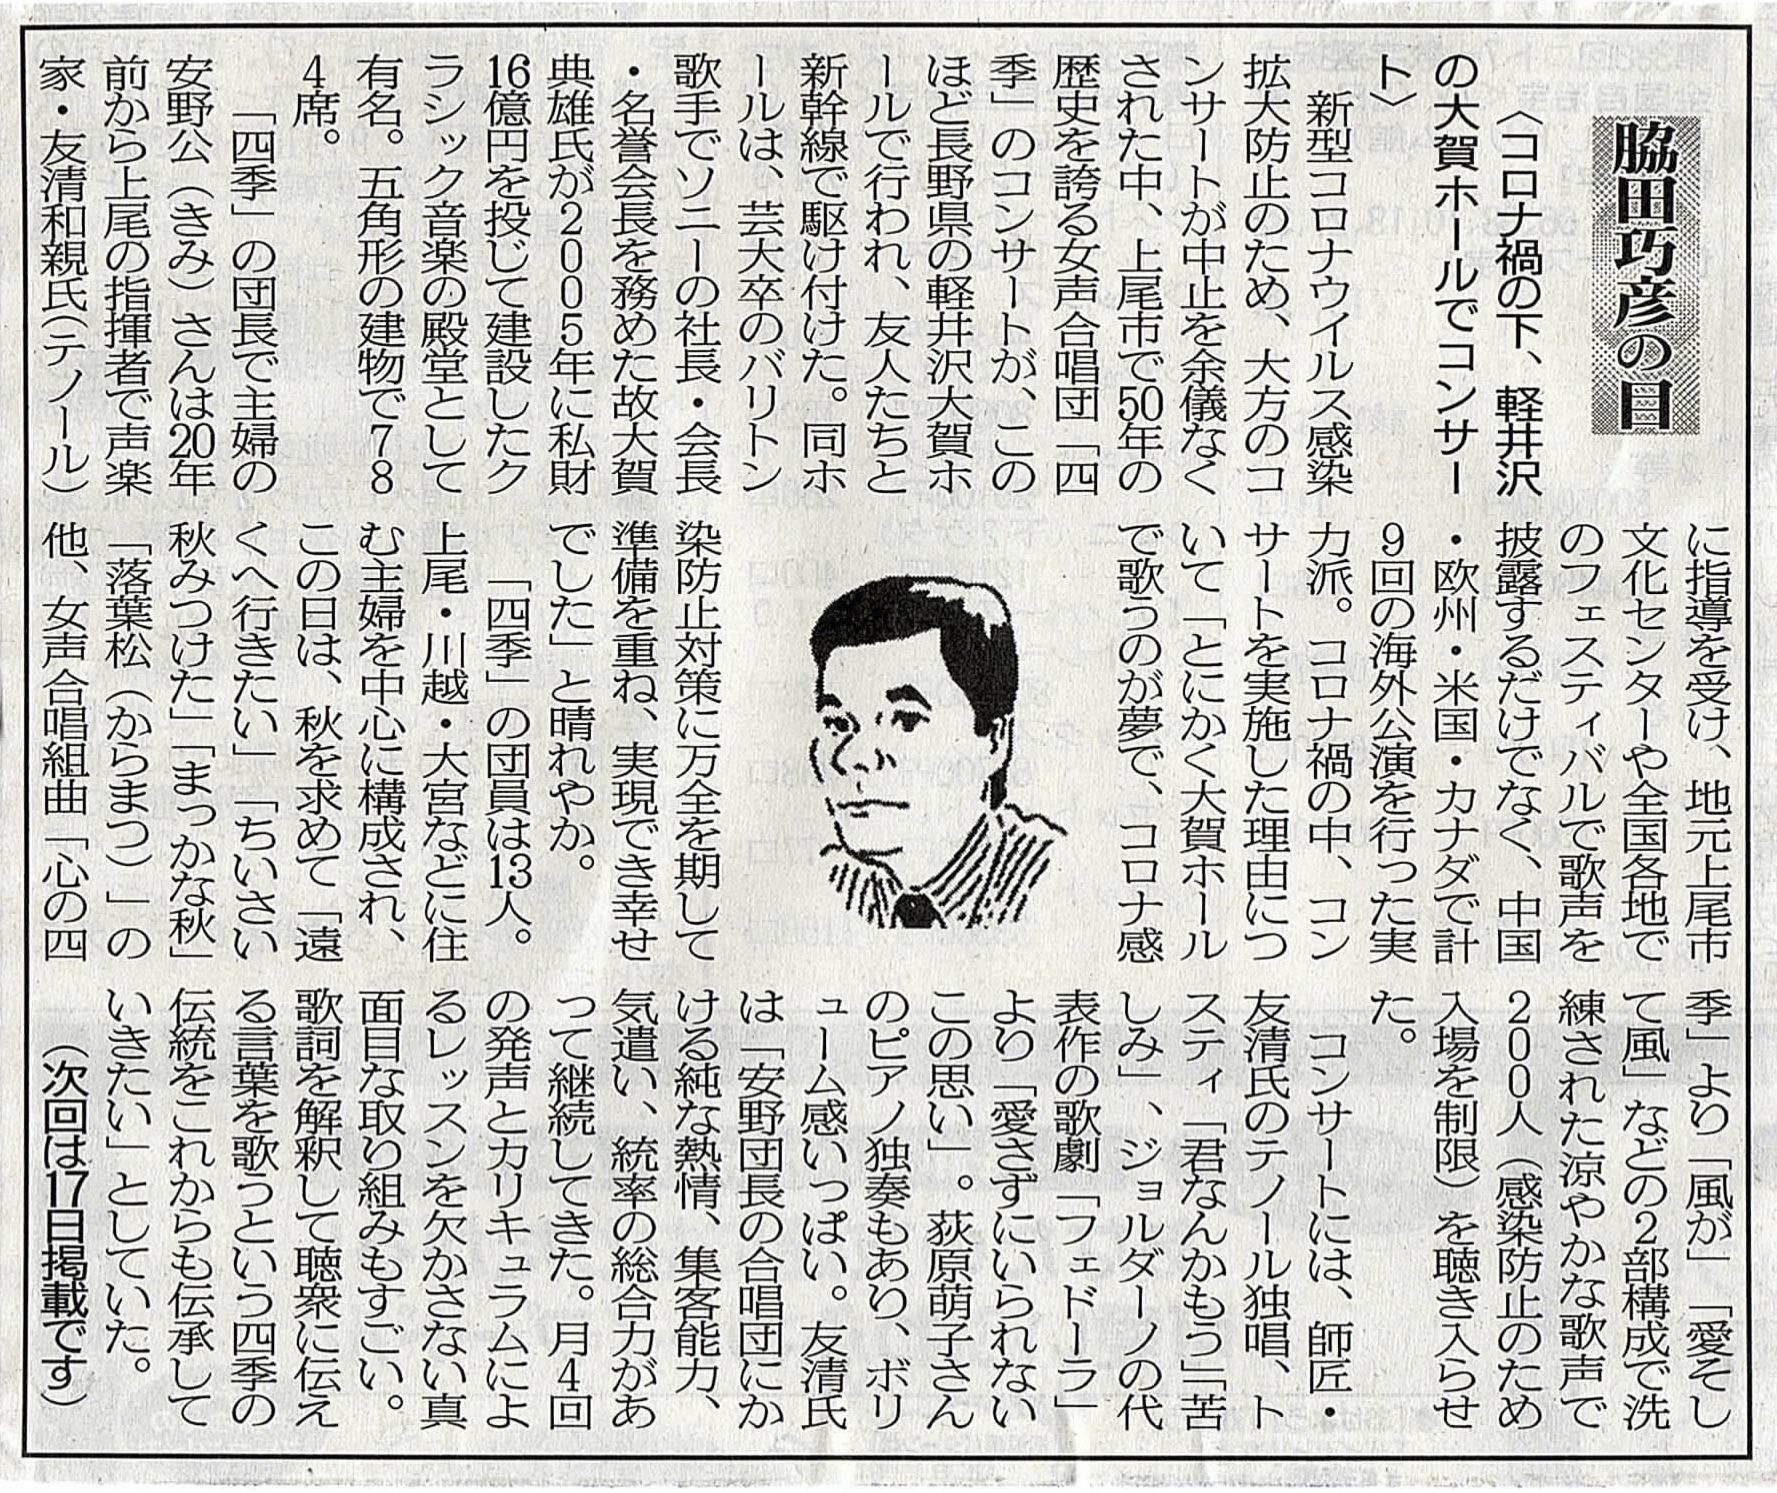 2020年10月03日 コロナ禍の下、軽井沢の大賀ホールでコンサート